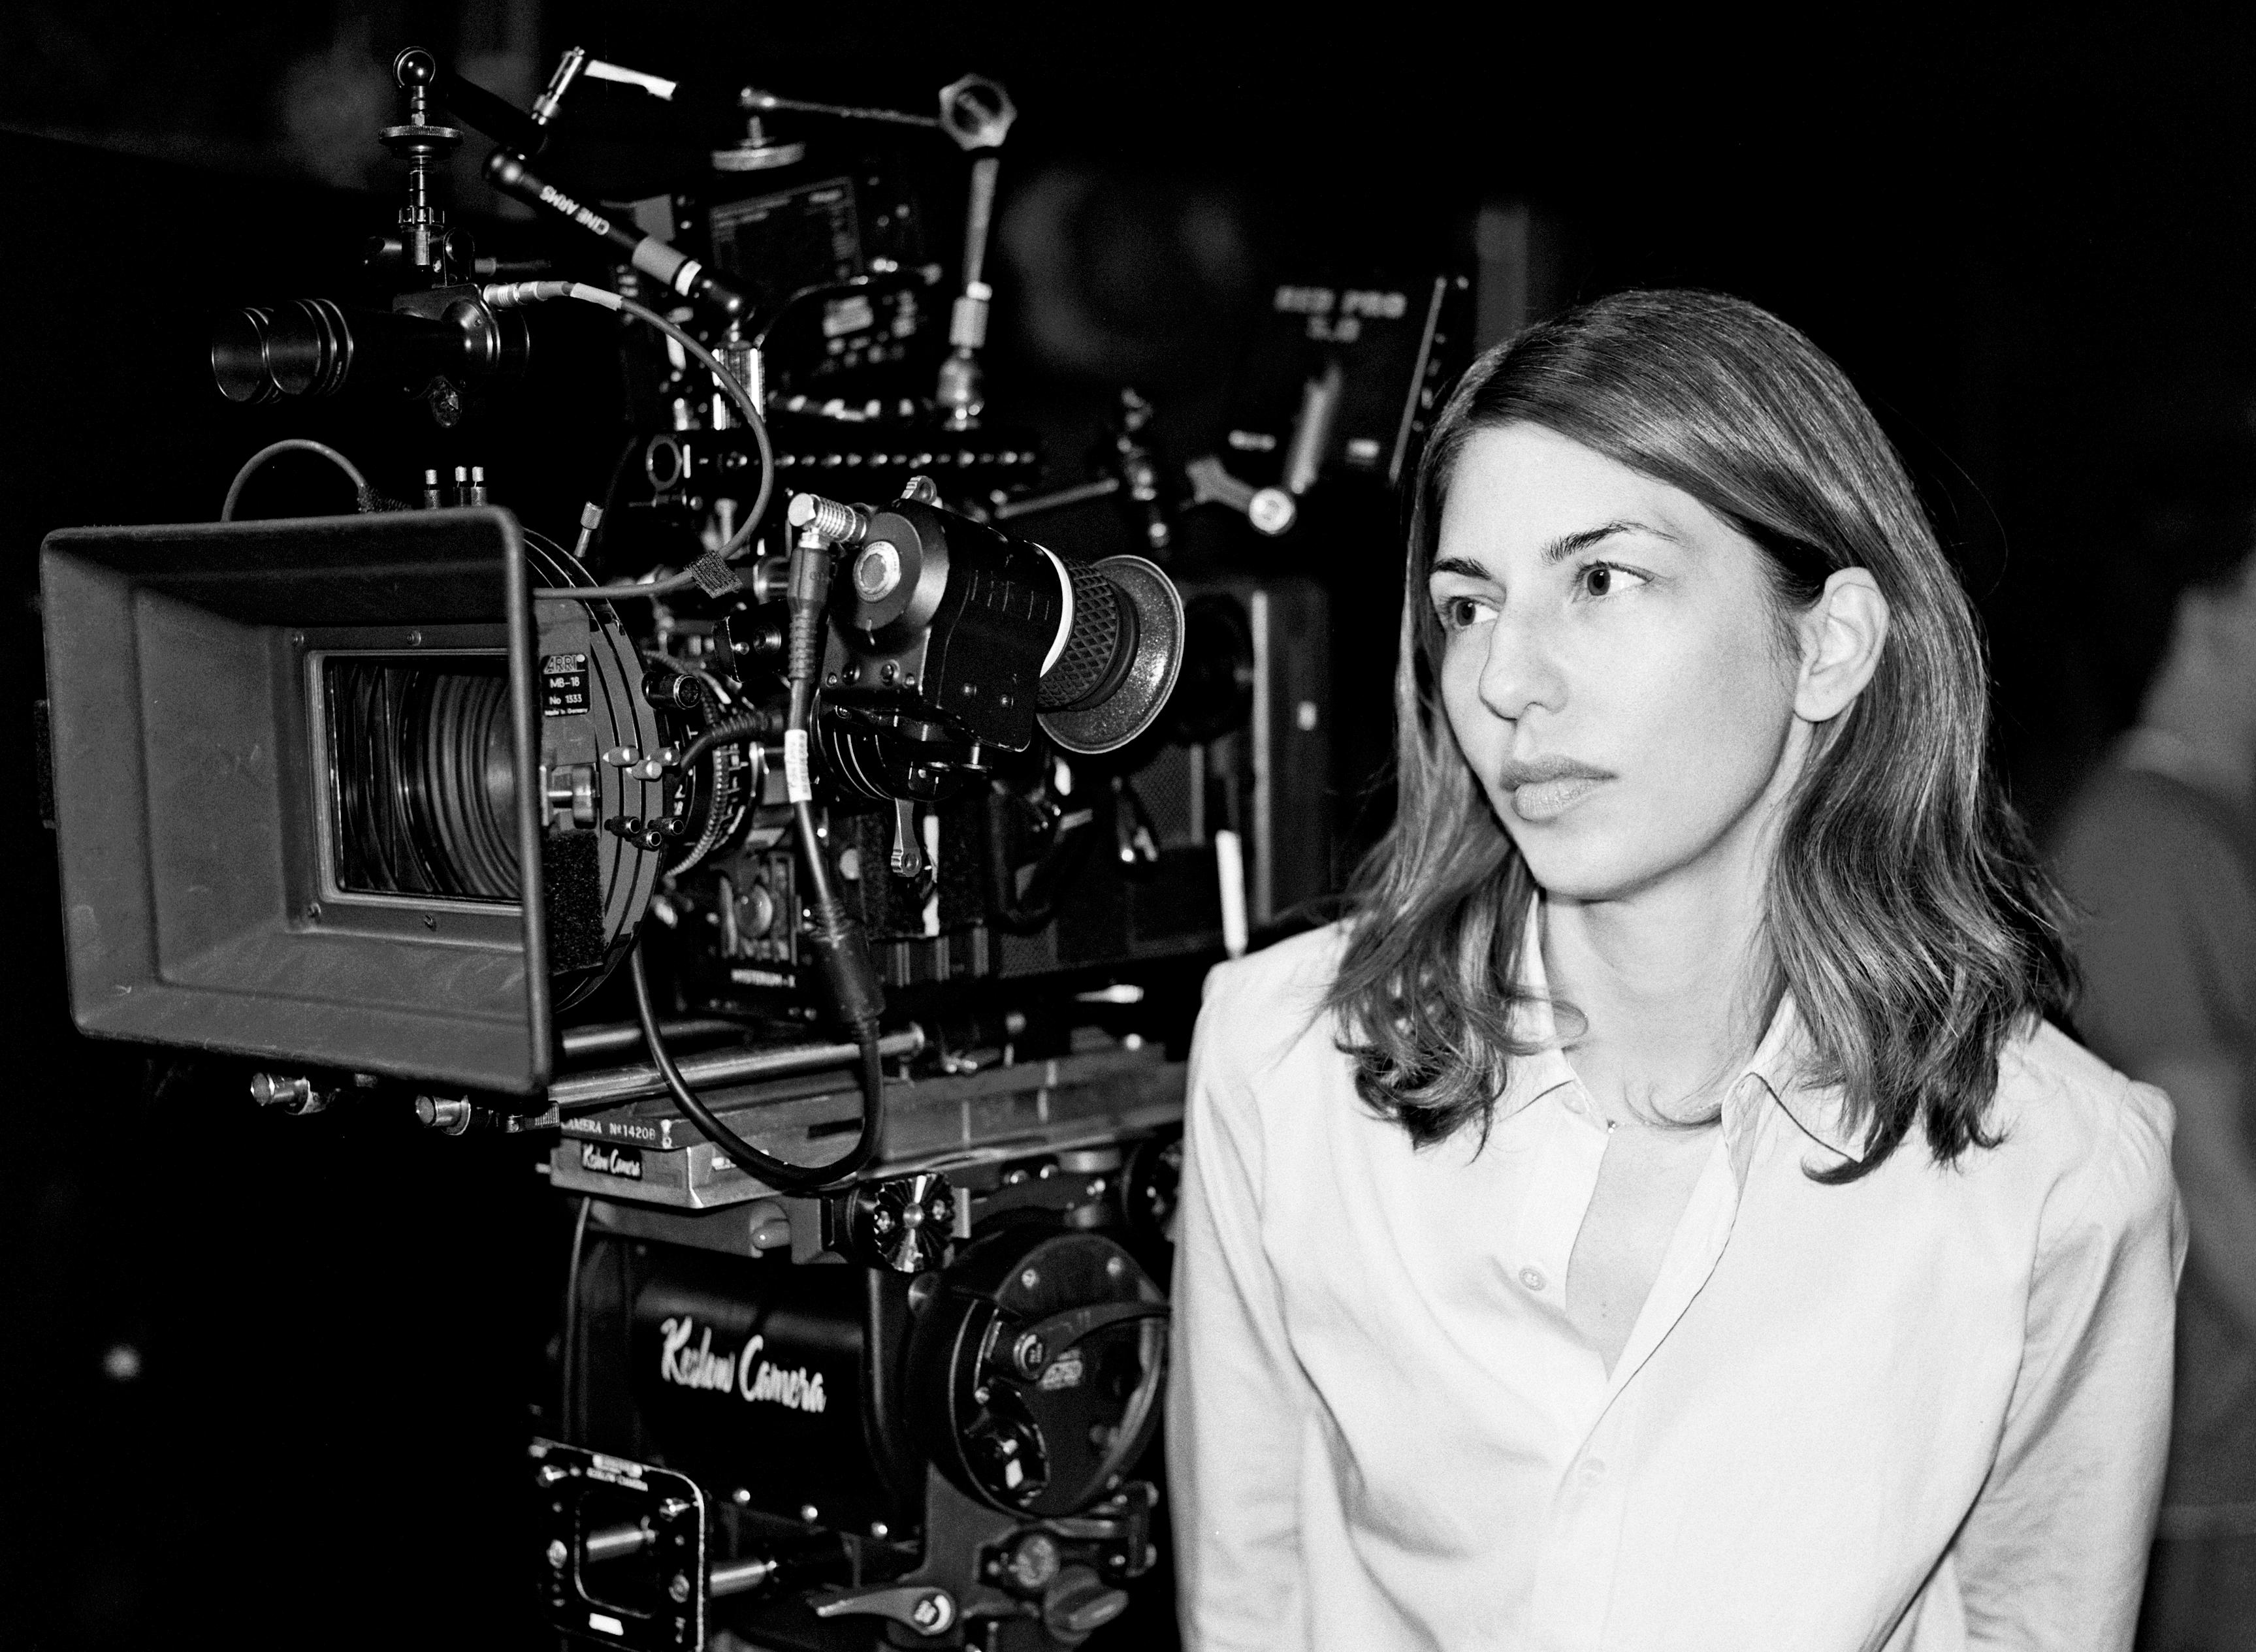 Corta divagación sobre el papel de la mujer en el cine